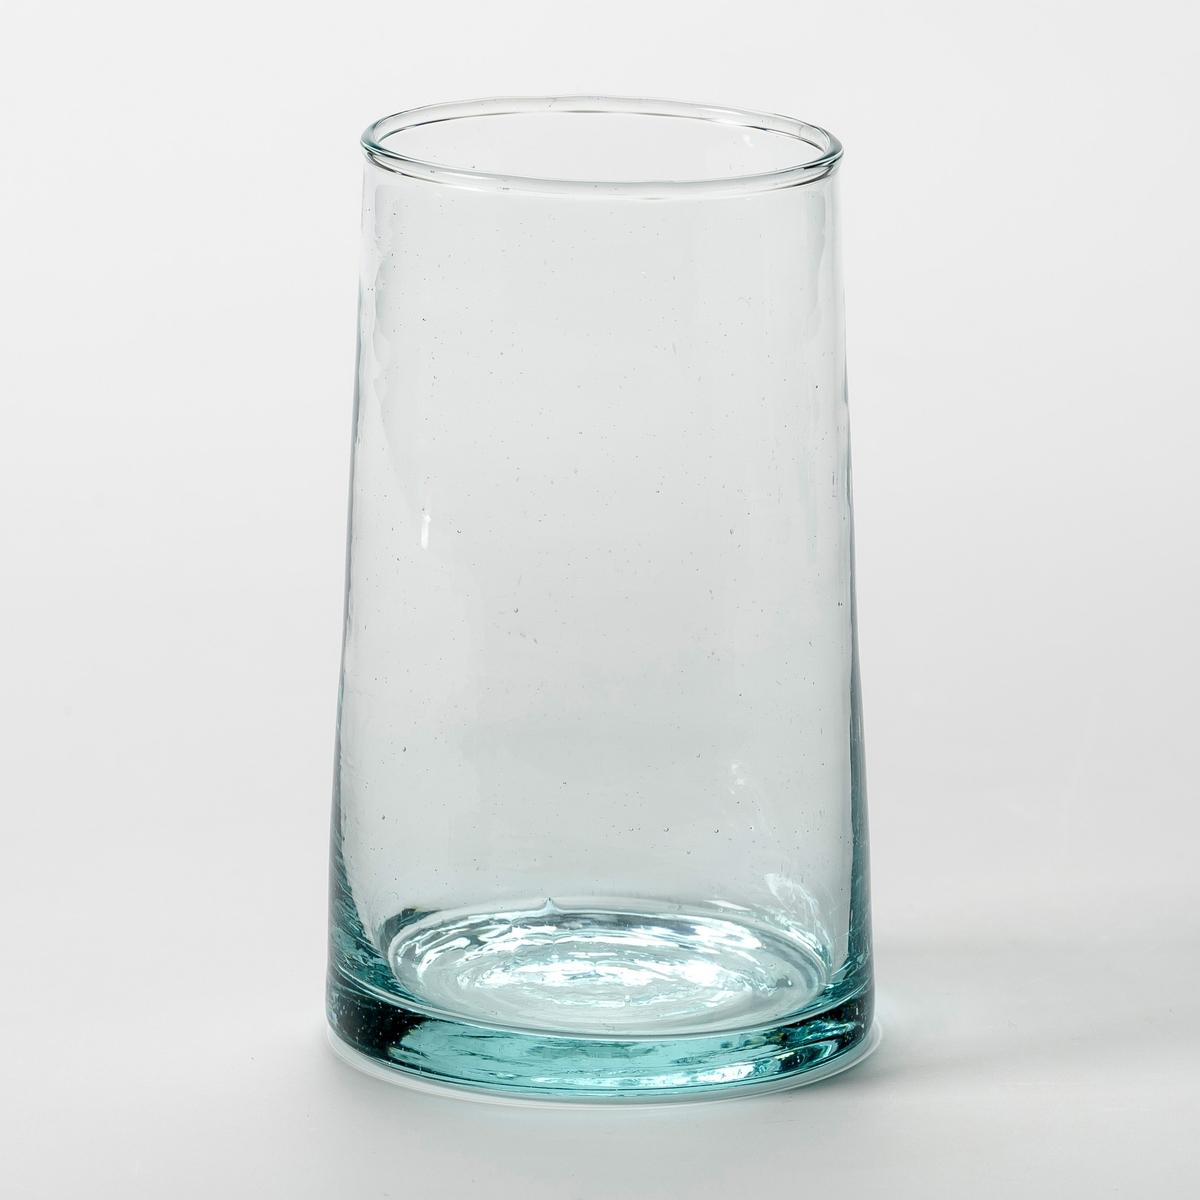 6 стаканов для сока из дутого стекла, Gimani6 стаканов для сока Gimani. Изготовлена с помощью техники выдувания, из переработанного стекла. Благодаря технике стеклодувов каждое изделие уникально. Общие размеры. : ? верха 6,5, ? низа 7,5 x В.12 см. Емкость 30 cl. Можно использовать в посудомоечных машинах и микроволновых печах. Салатницы и графины из этой же коллекции продаются на нашем сайте.<br><br>Цвет: прозрачный